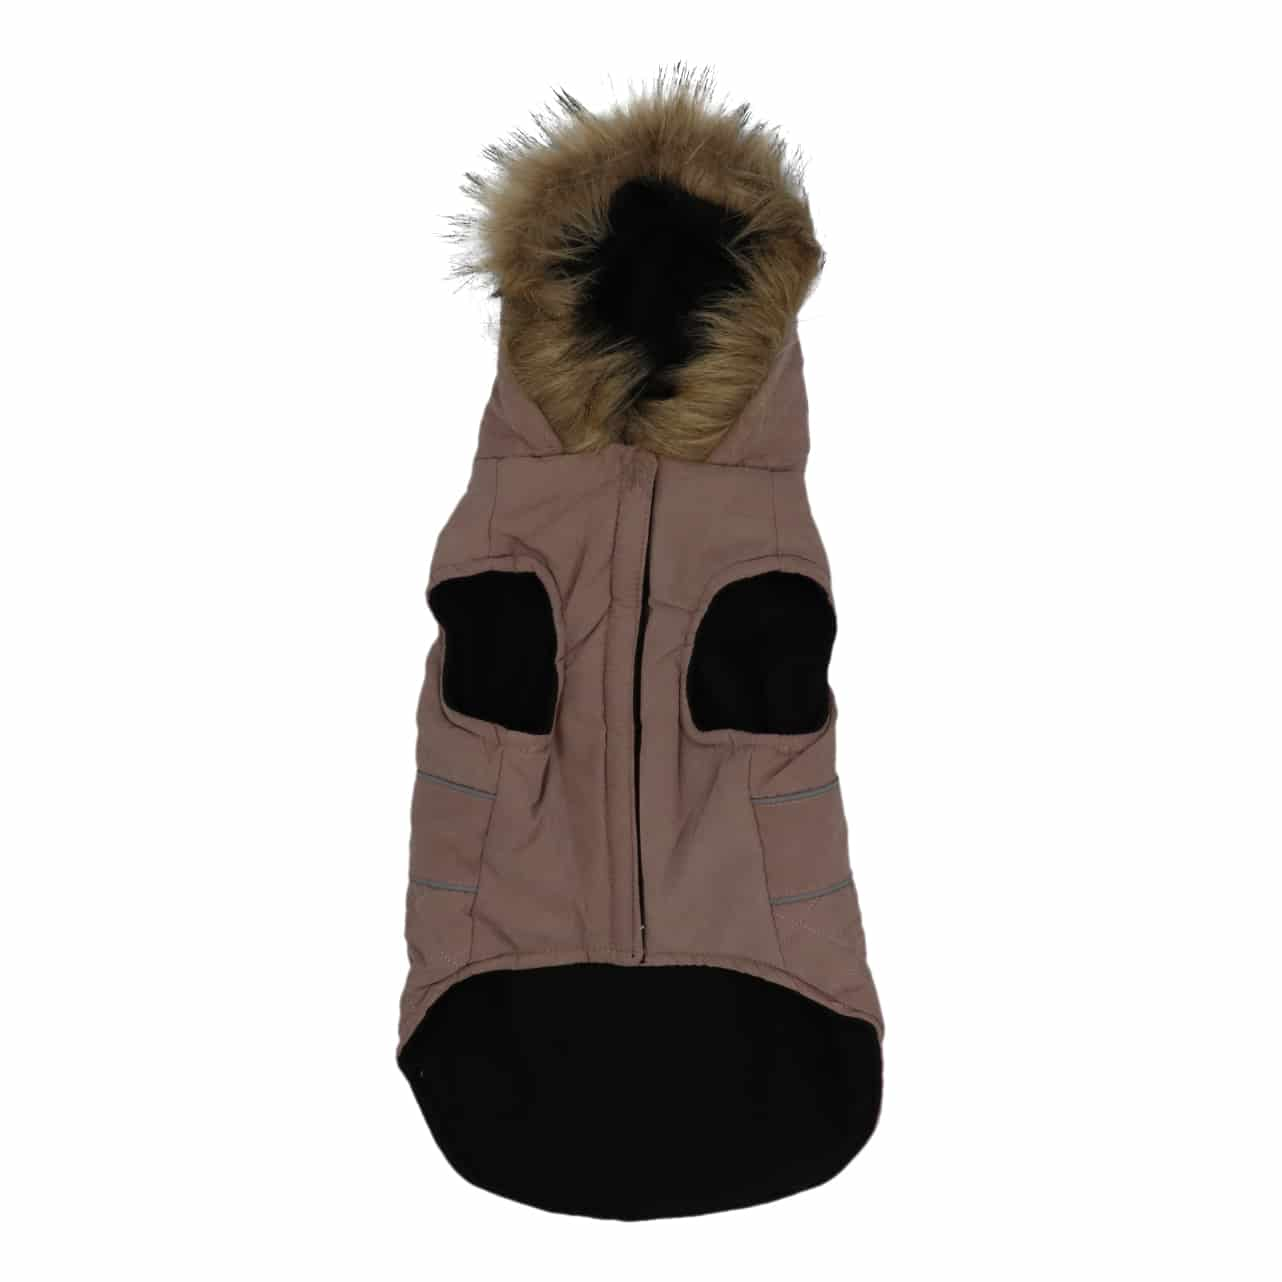 4goodz Hondenjas met bontkraag - winterjas hond 35 cm - Roze